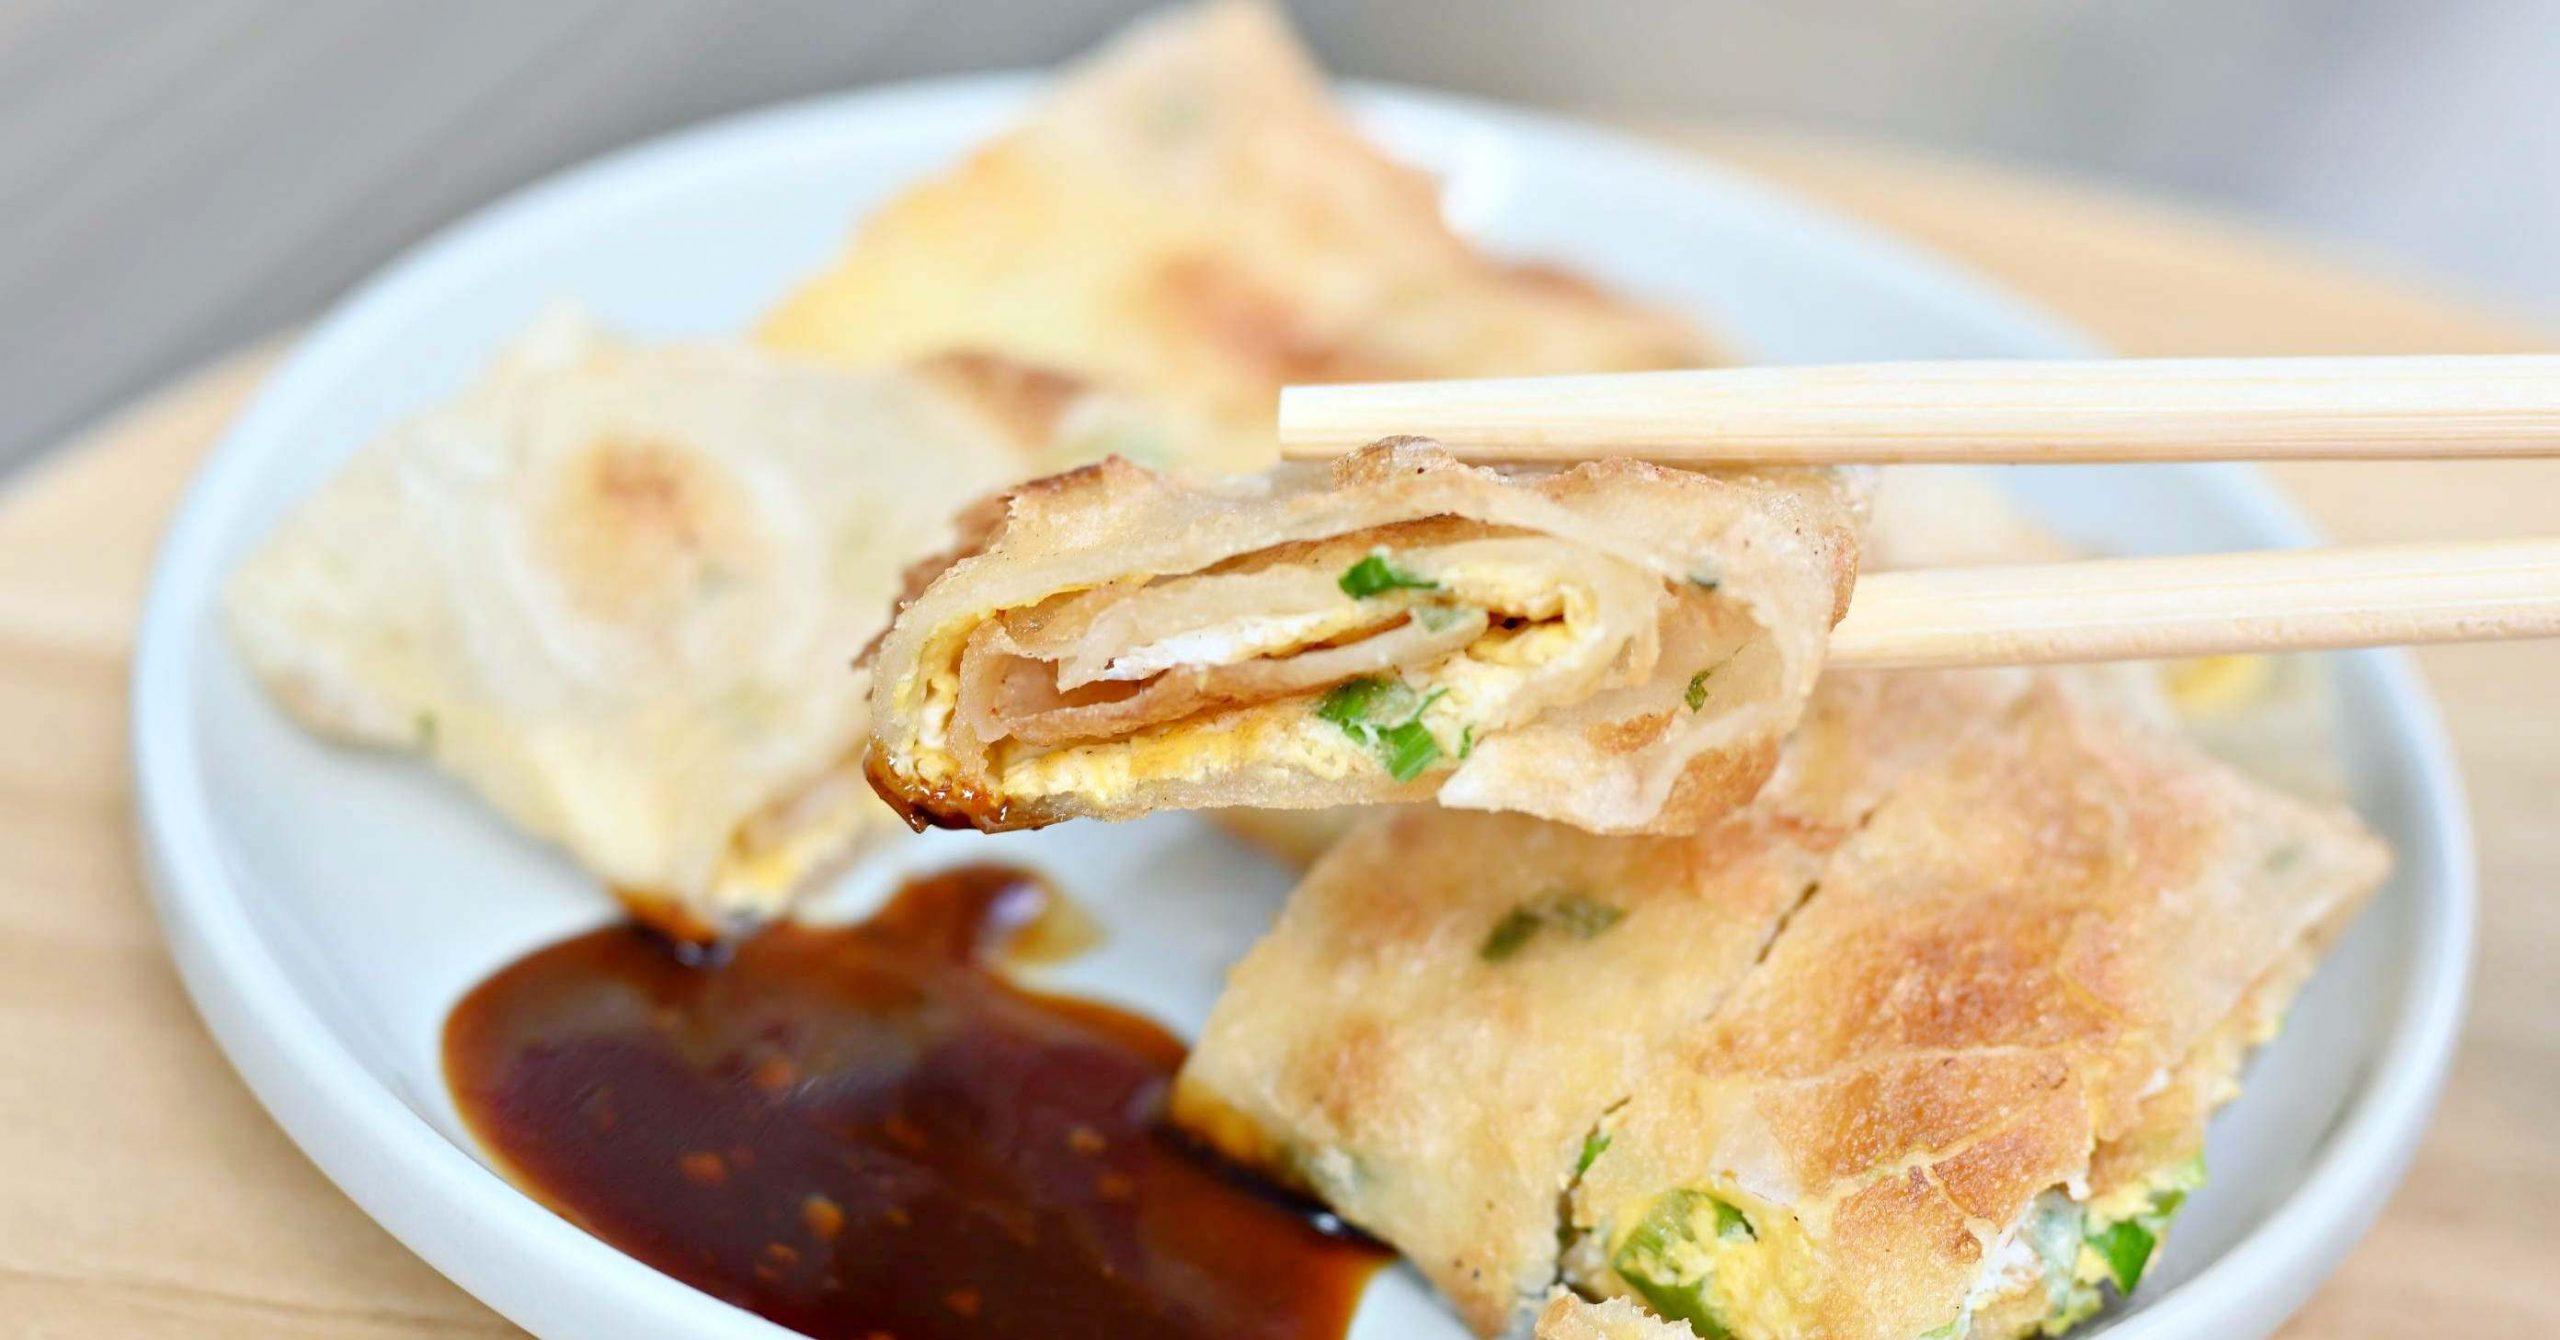 【士林美食】晨與食 台北早餐推薦 蛋餅跟吐司都很棒